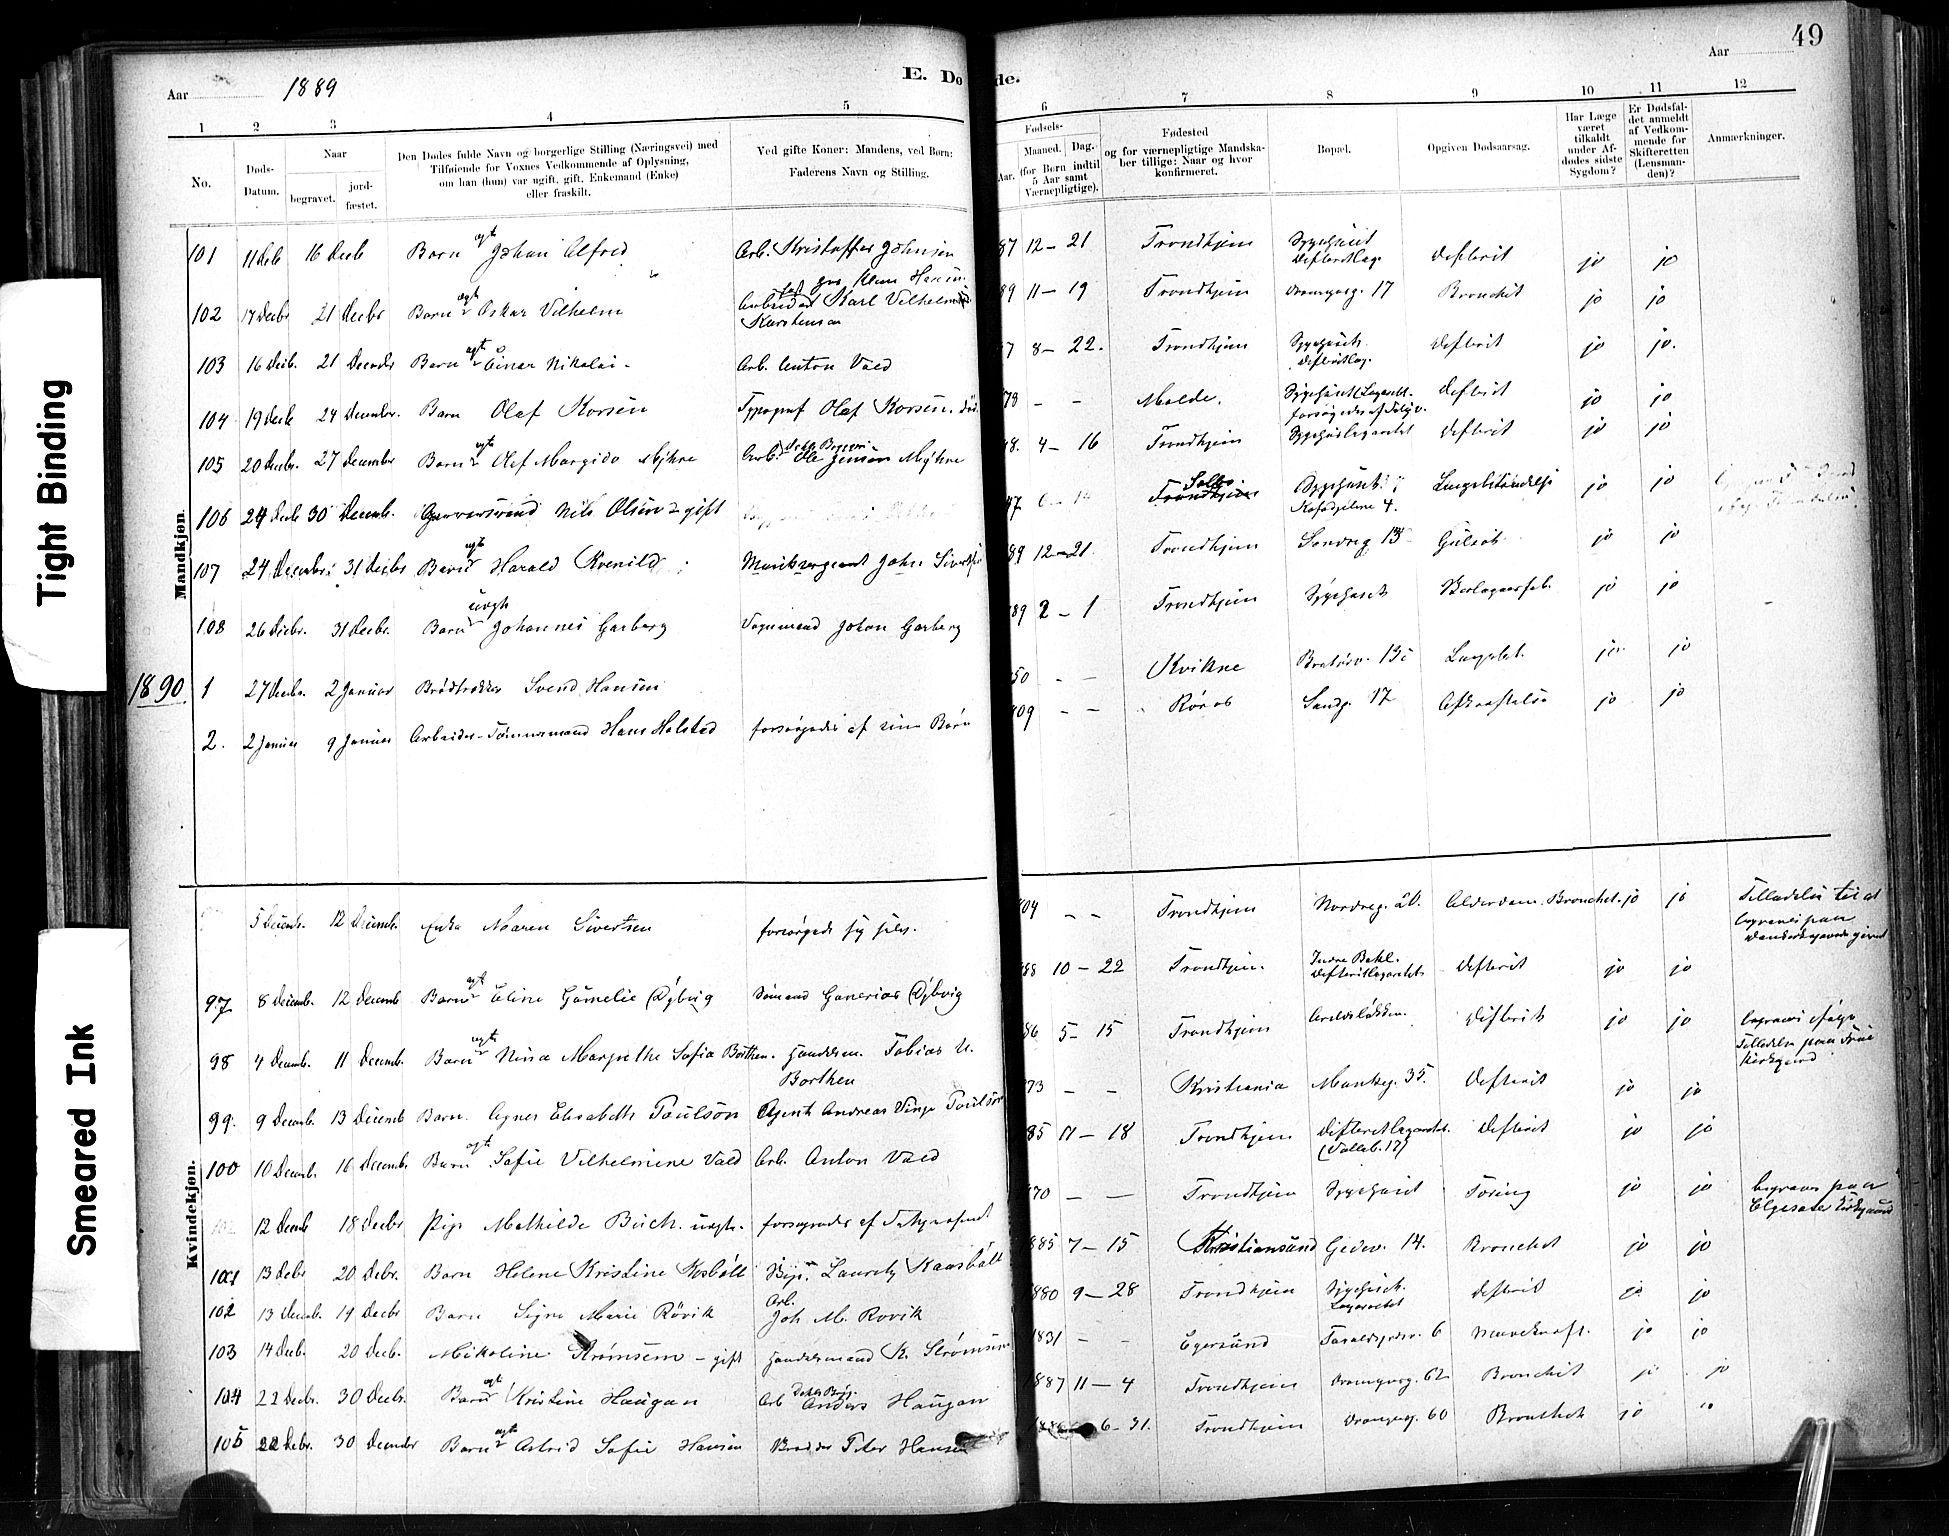 SAT, Ministerialprotokoller, klokkerbøker og fødselsregistre - Sør-Trøndelag, 602/L0120: Ministerialbok nr. 602A18, 1880-1913, s. 49